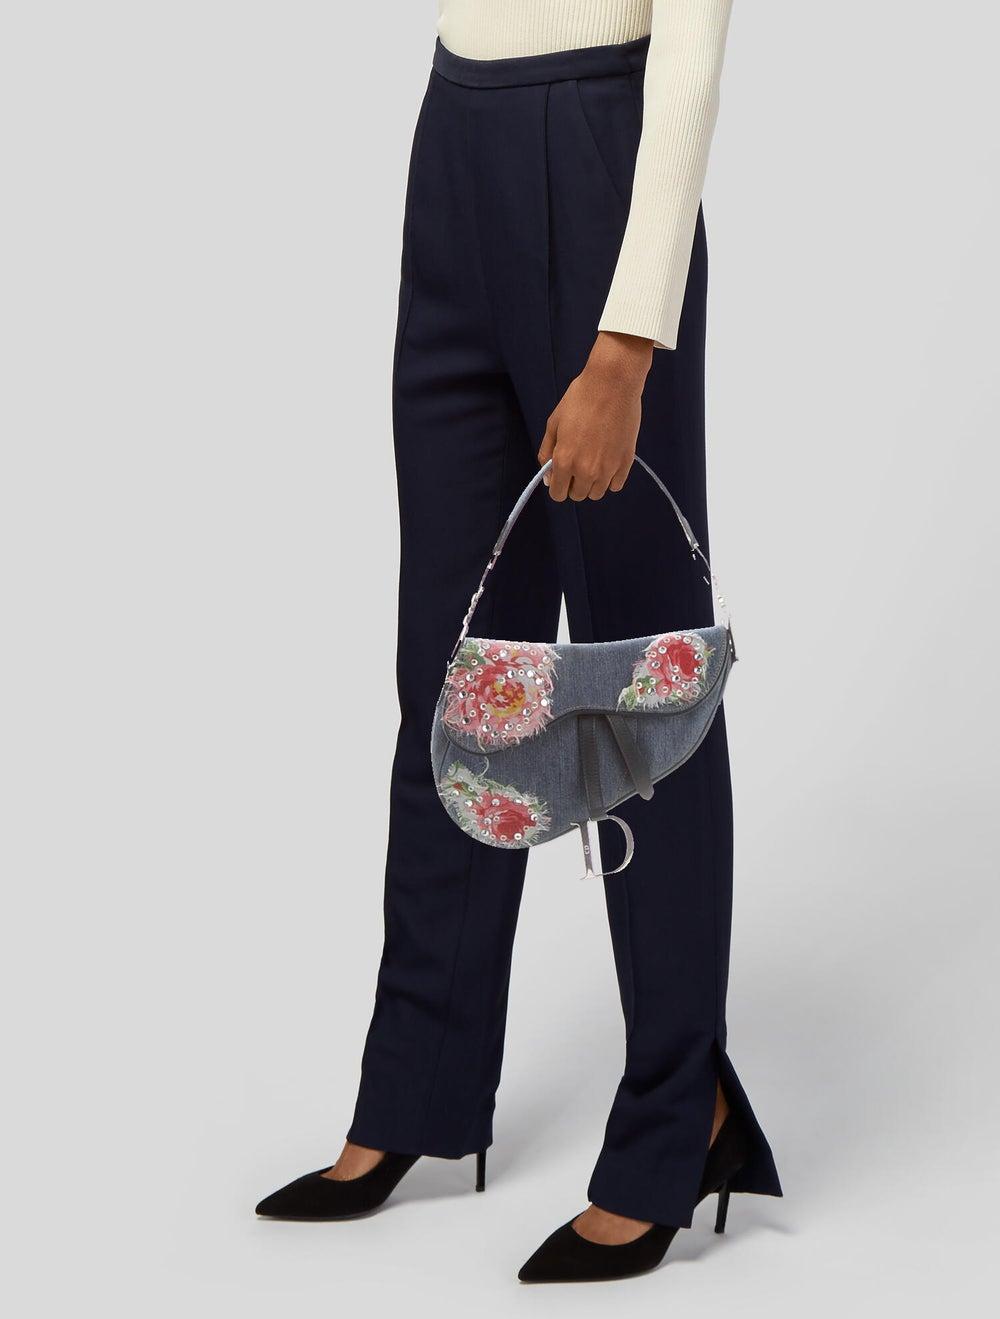 Christian Dior Embellished Denim Saddle Bag Blue - image 2